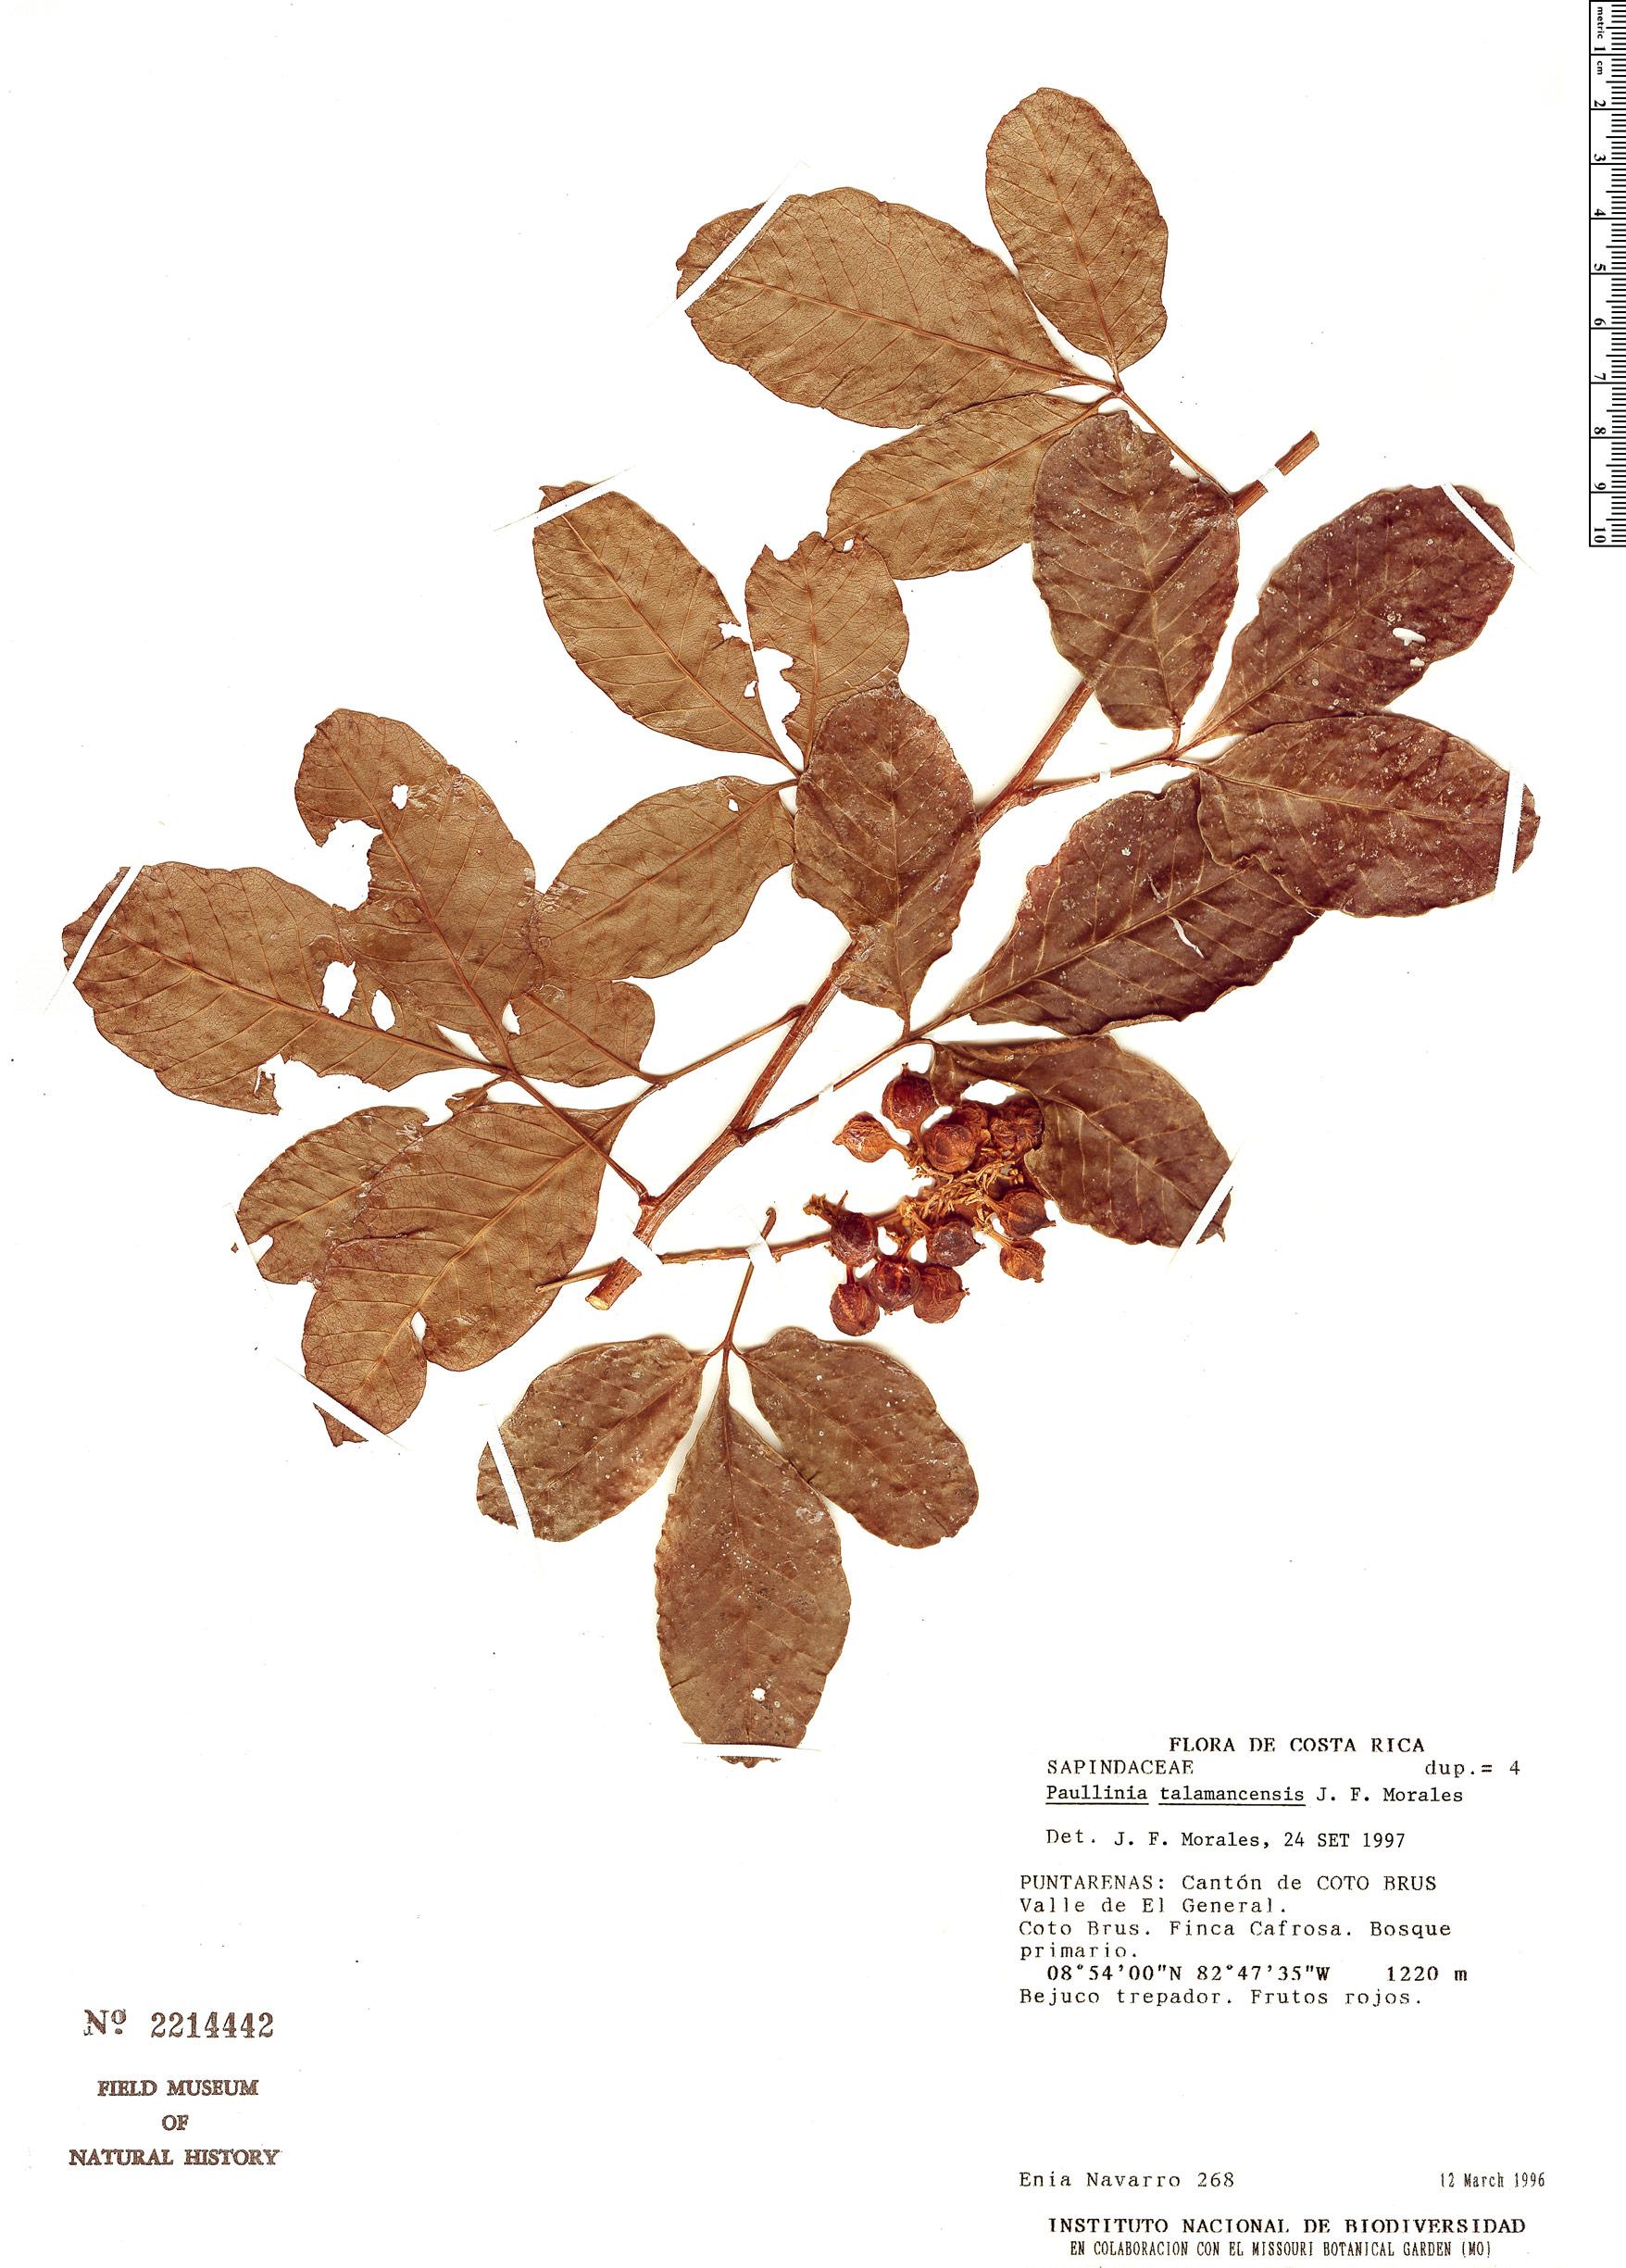 Specimen: Paullinia talamancensis